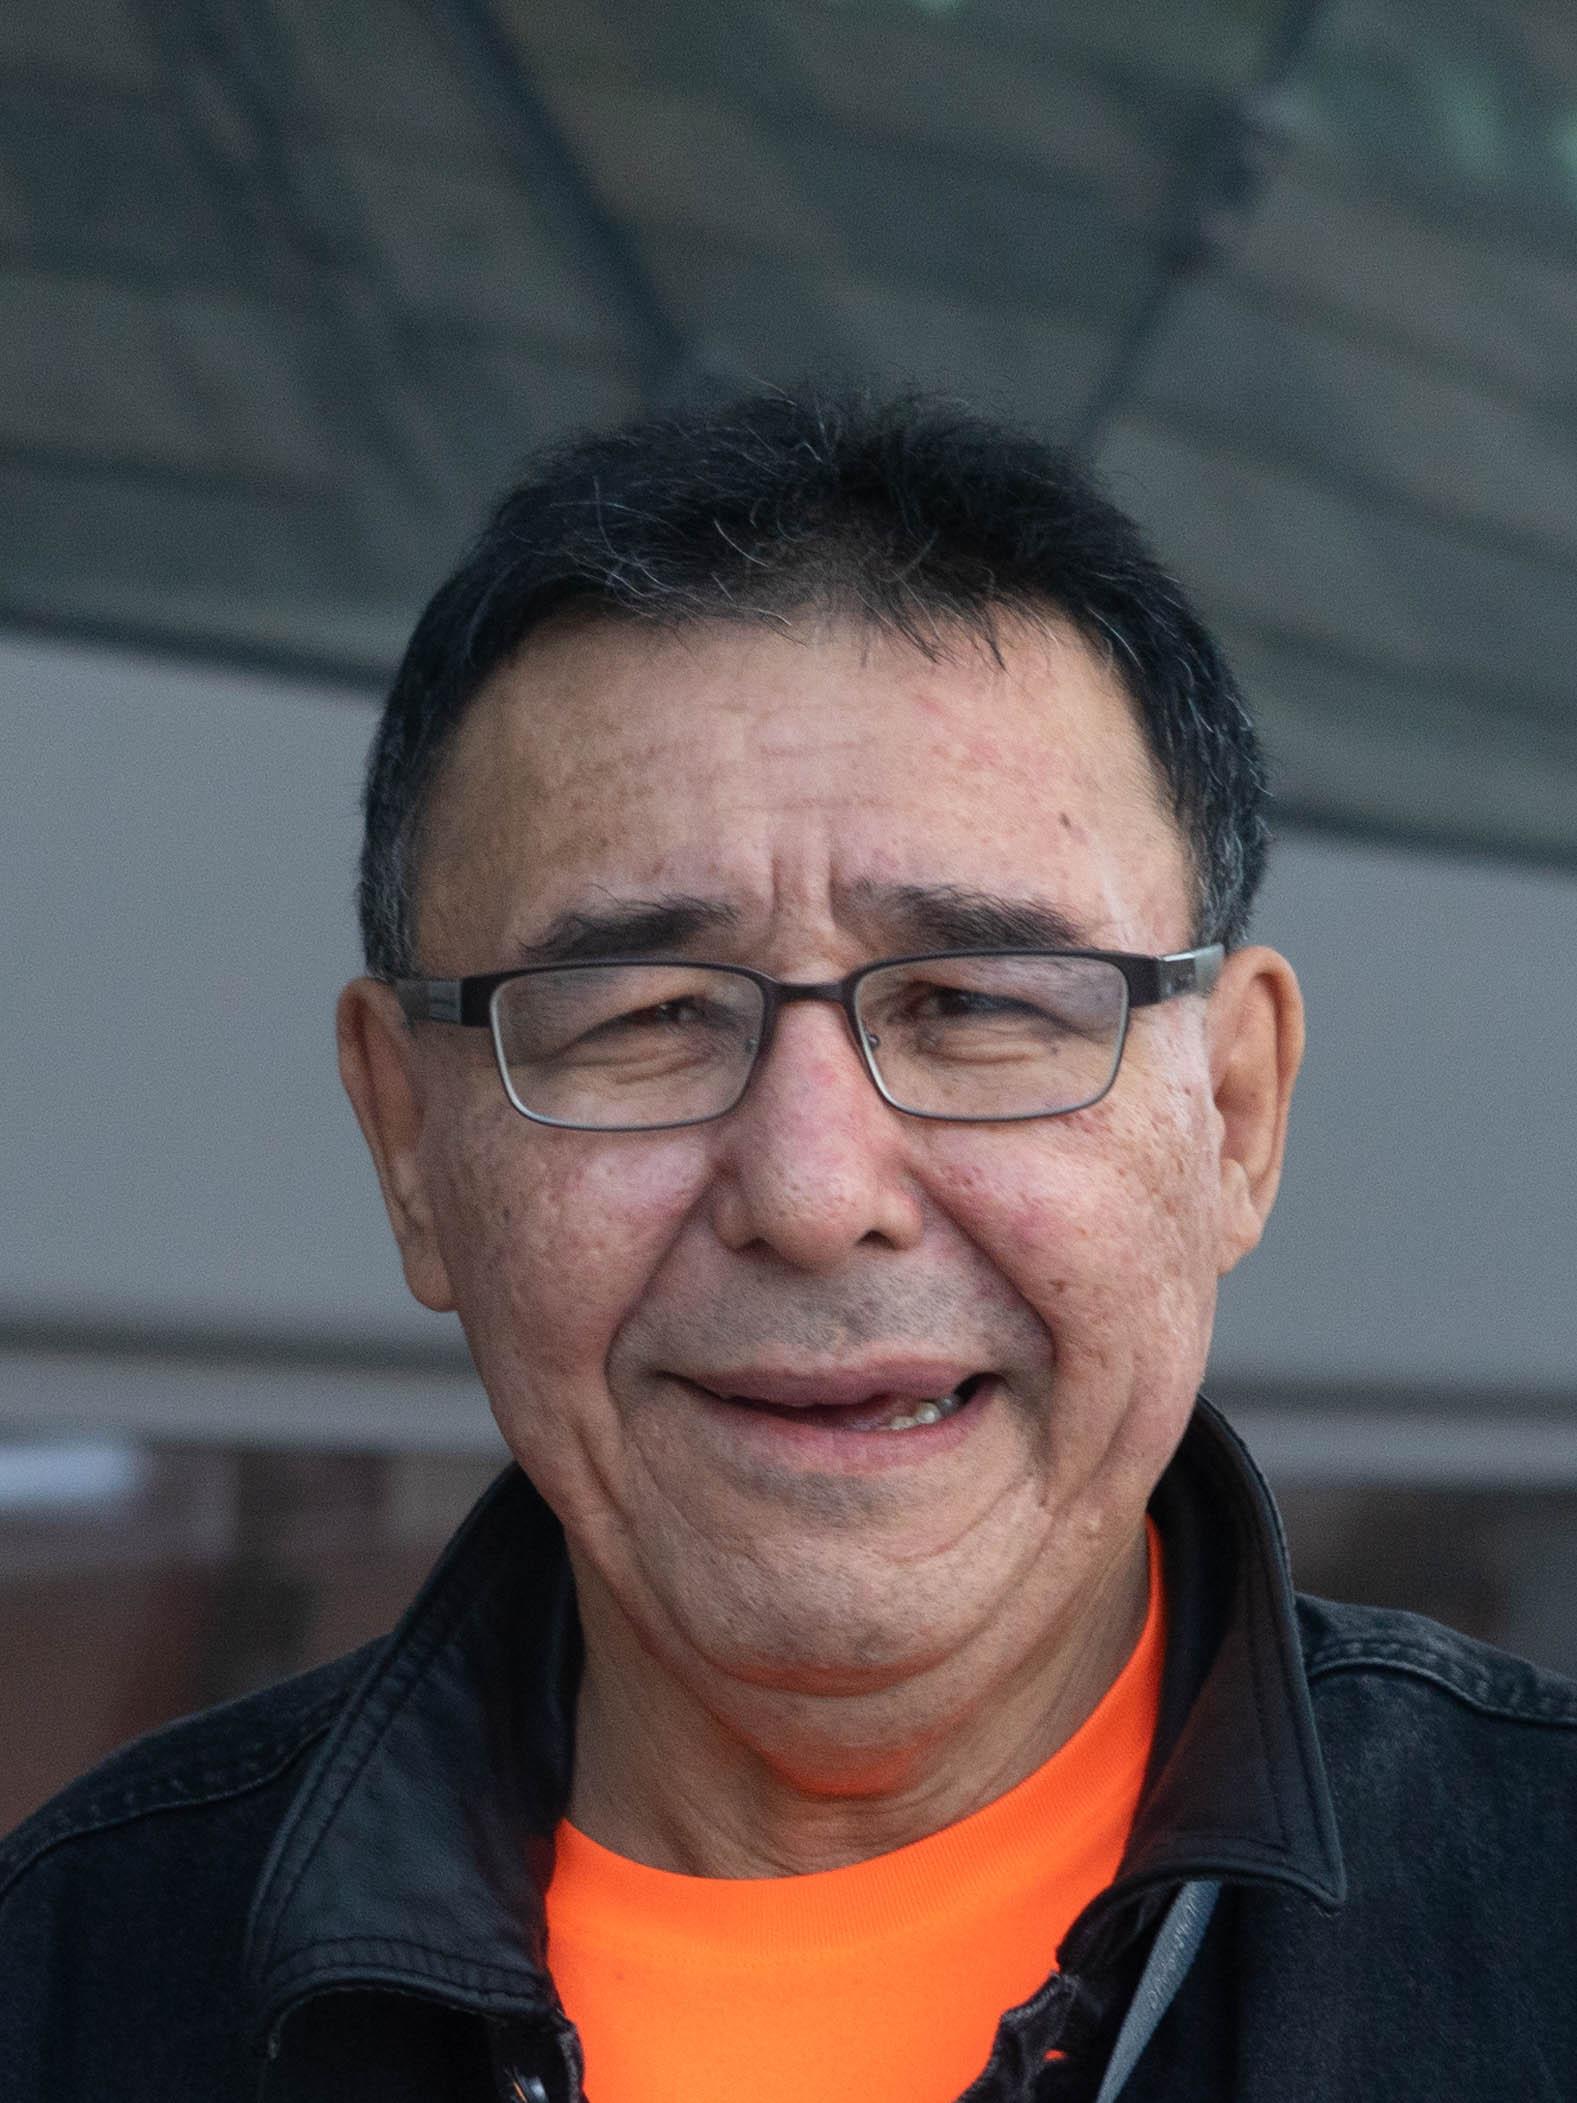 Roland Kikoak